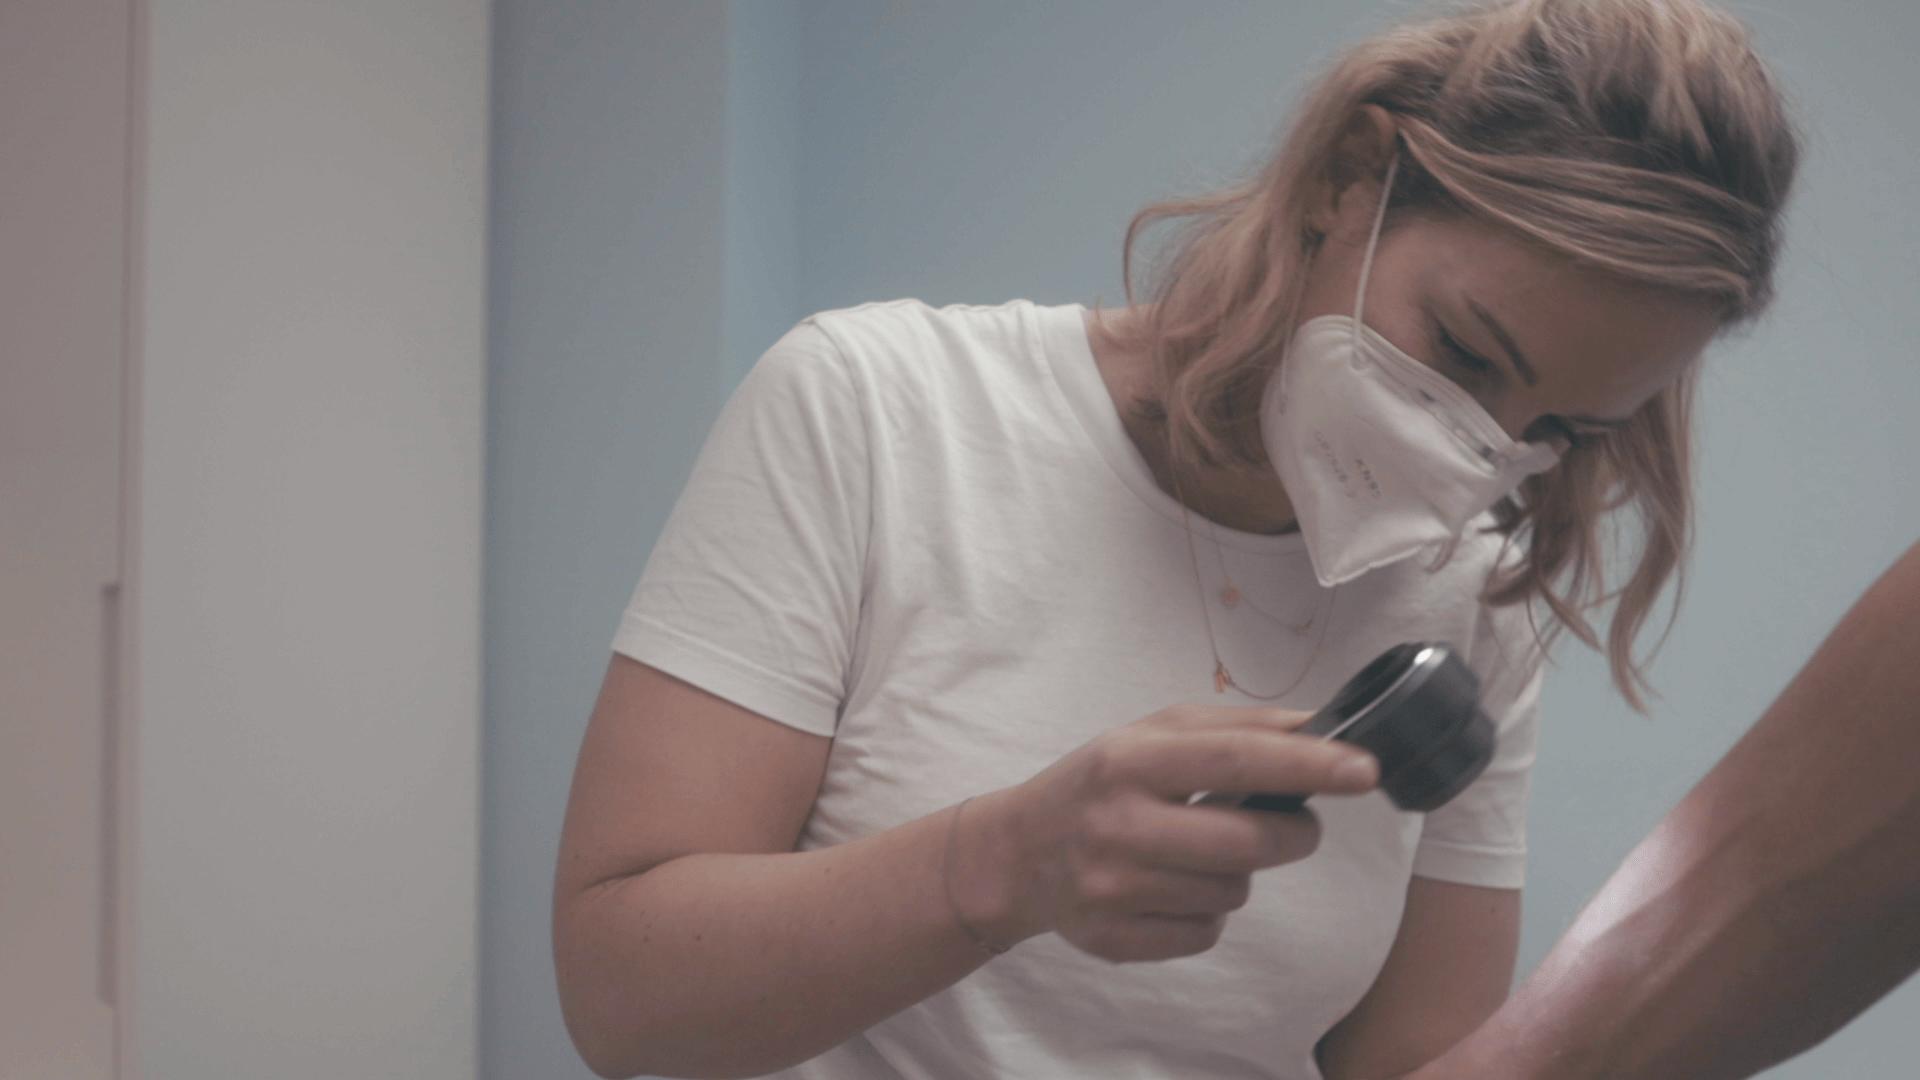 Mein erstes Date mit einem/r DermatologIn- was erwartet mich? 2